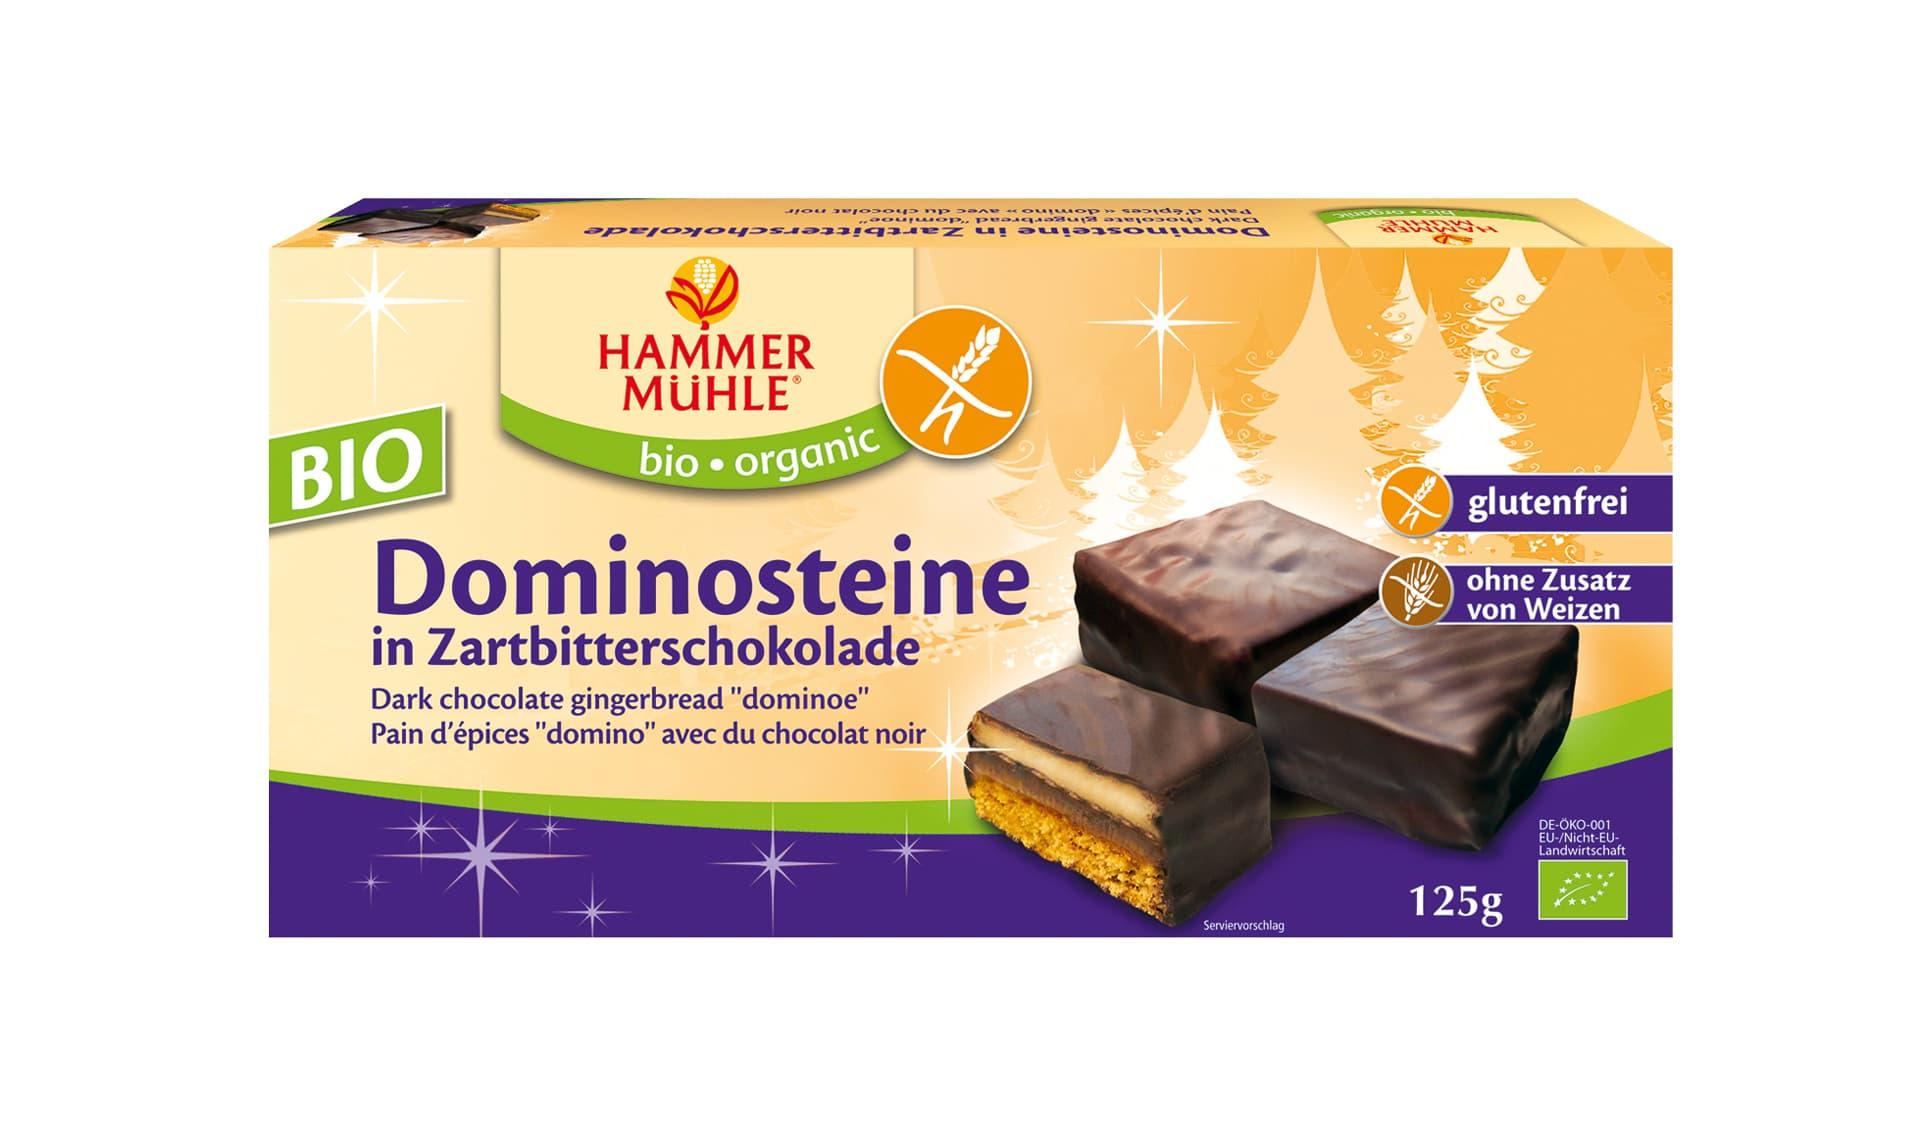 Hammersmühle Dominosteine (www.hammermuehleorganic.de)